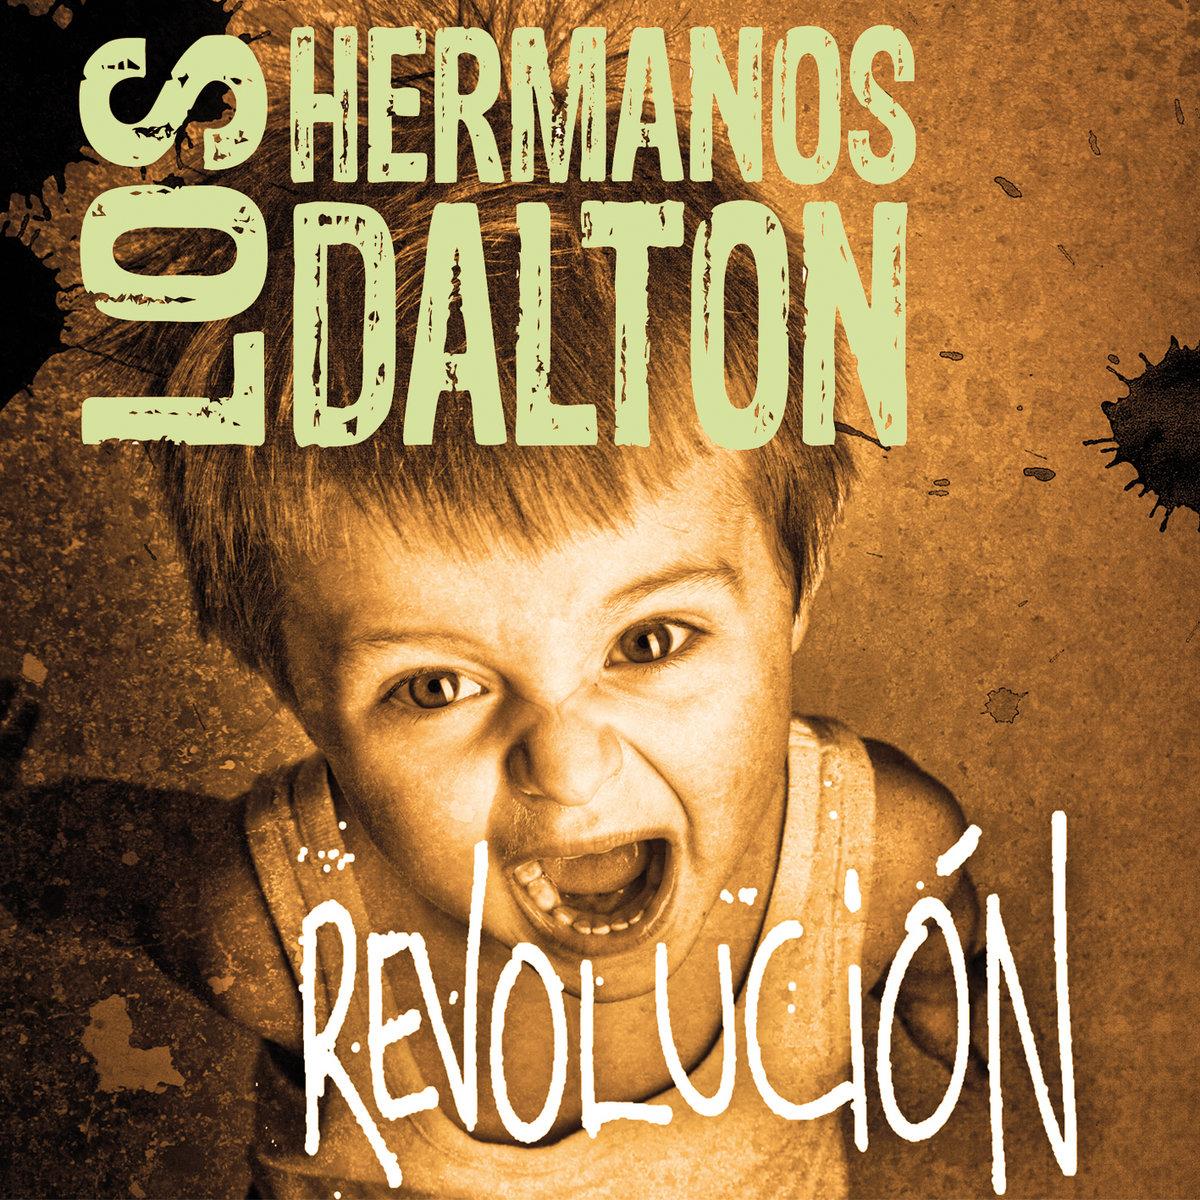 REVOLUCIÓN! | Los Hermanos Dalton